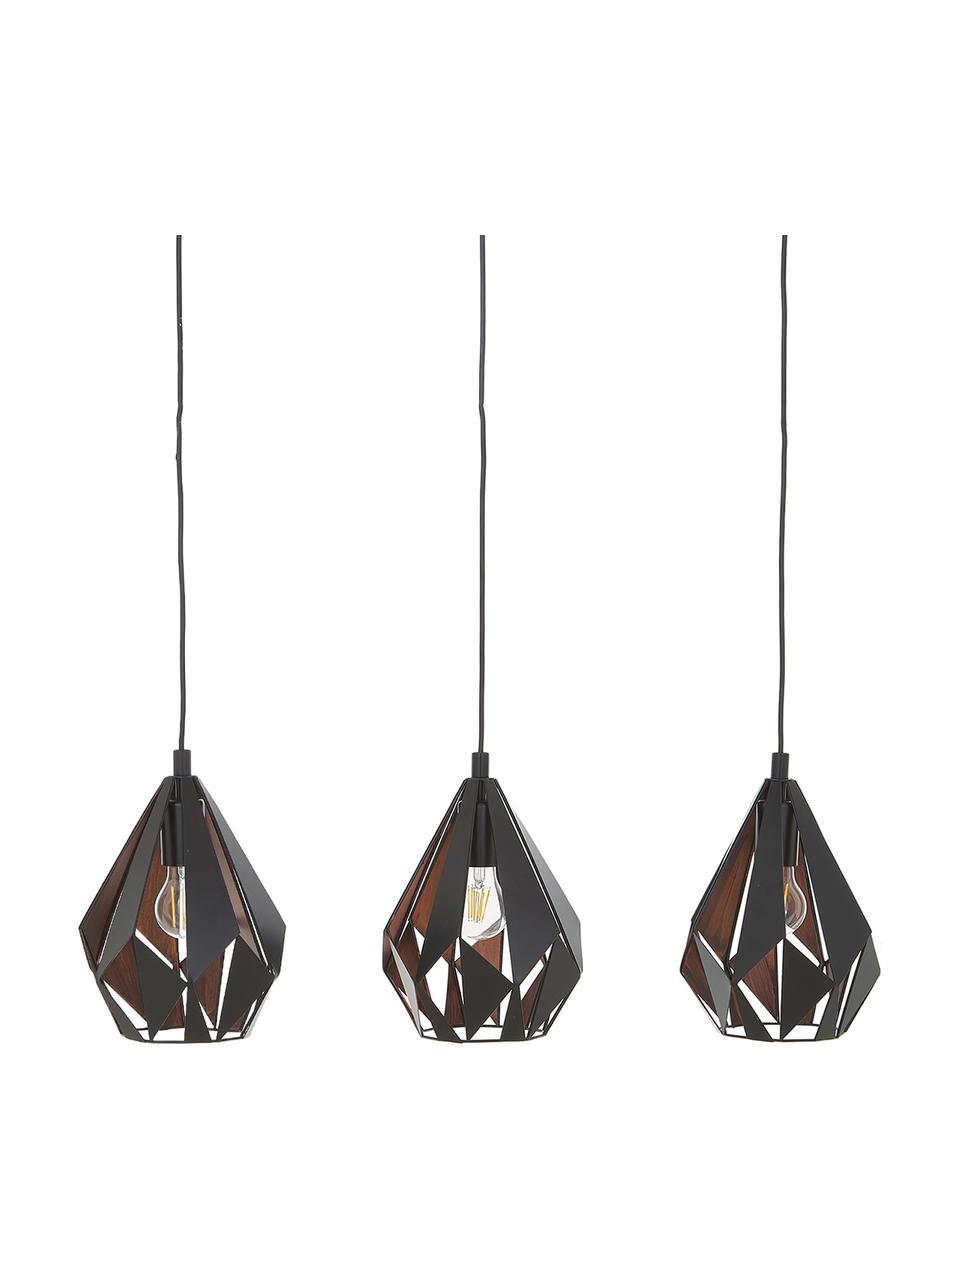 Große Pendelleuchte Carlton aus Metall, Lampenschirm: Stahl, lackiert, Baldachin: Stahl, lackiert, Schwarz, 81 x 28 cm